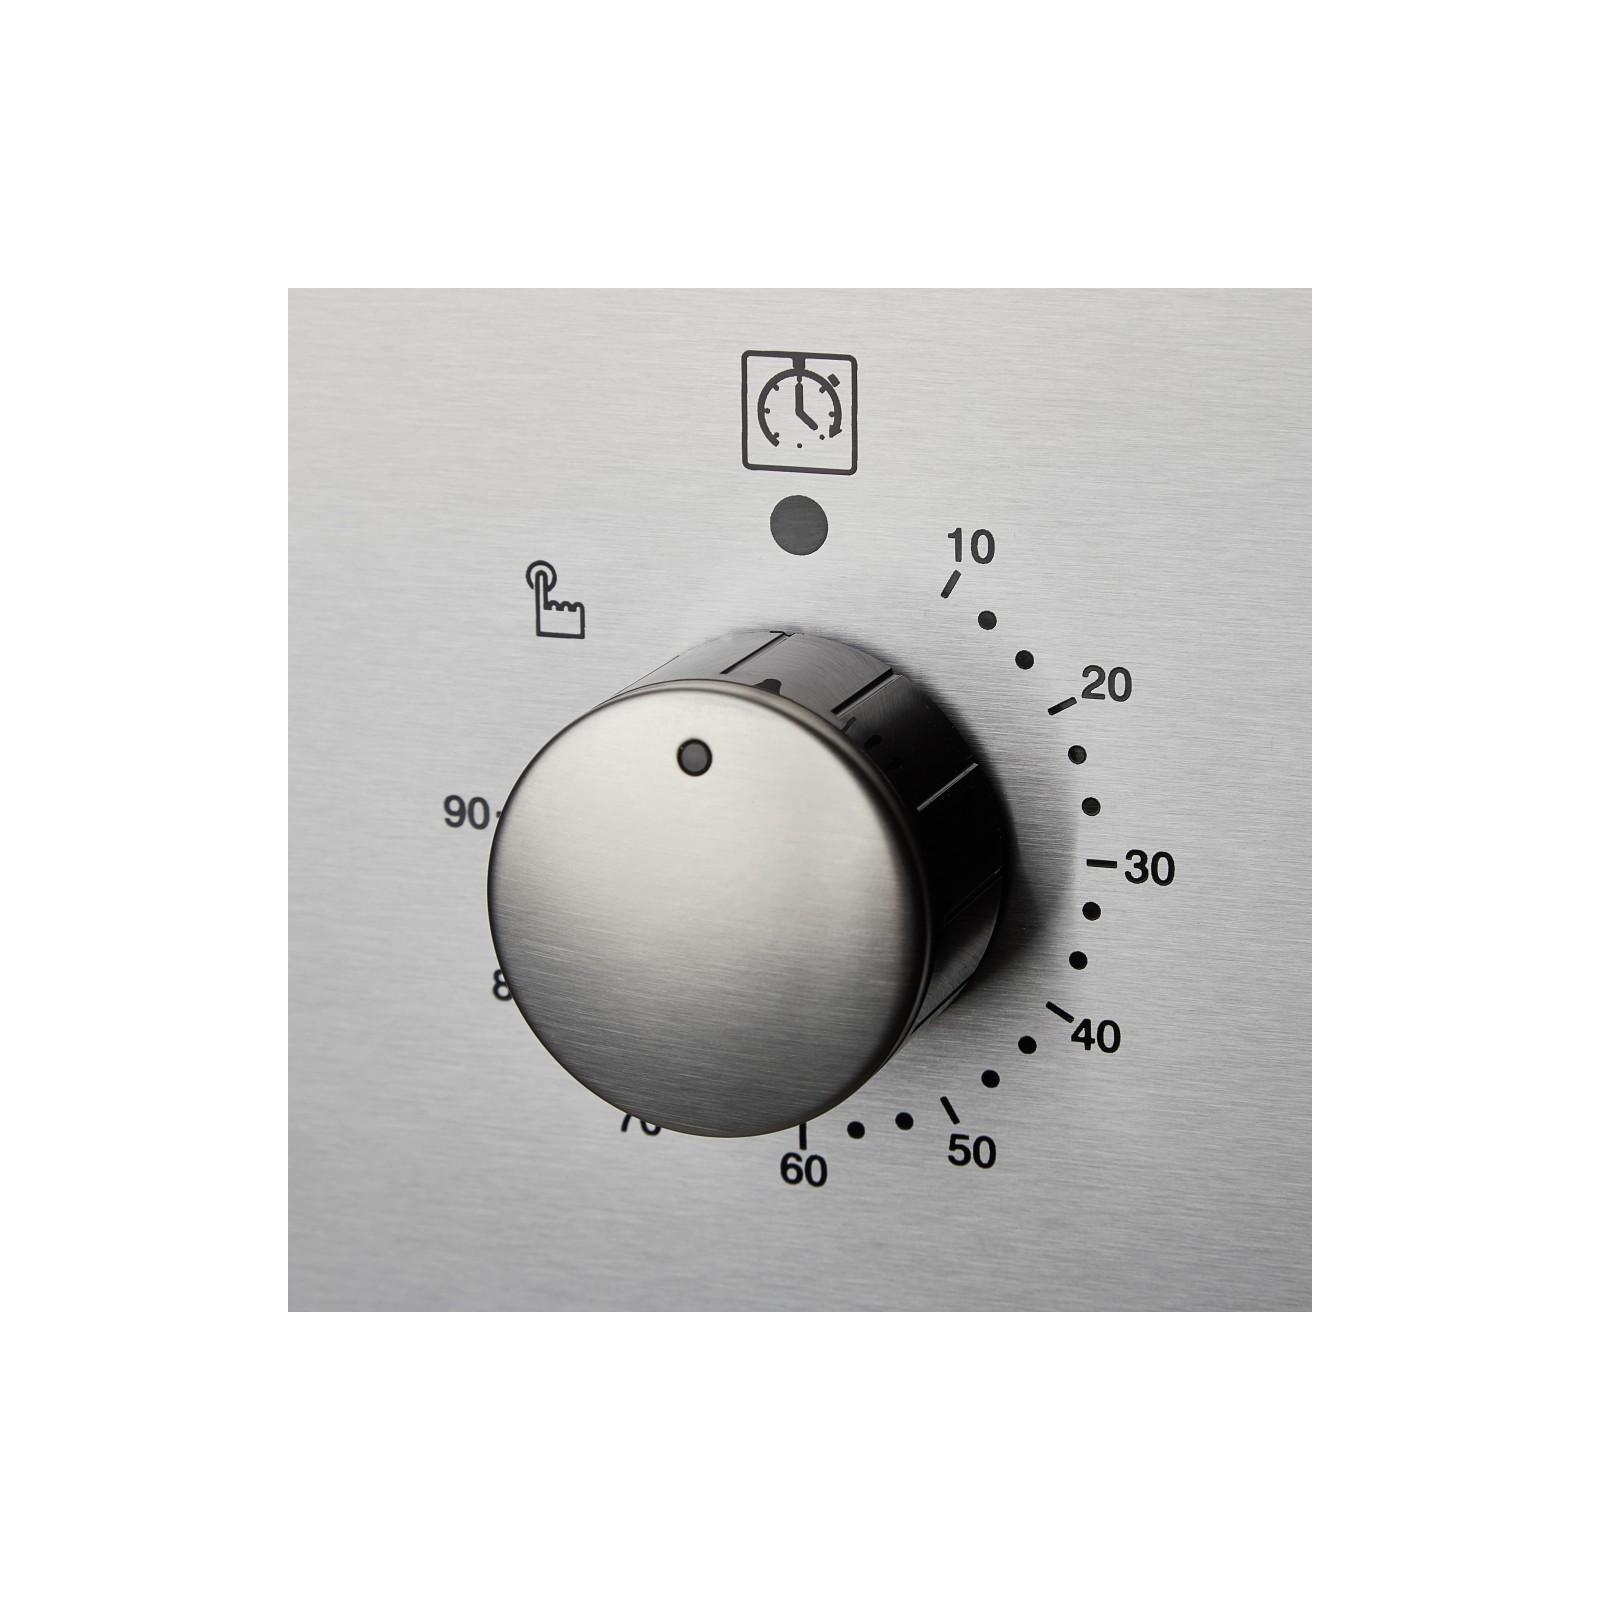 Духовой шкаф ELEYUS ESTER 6006 IS+BL изображение 10